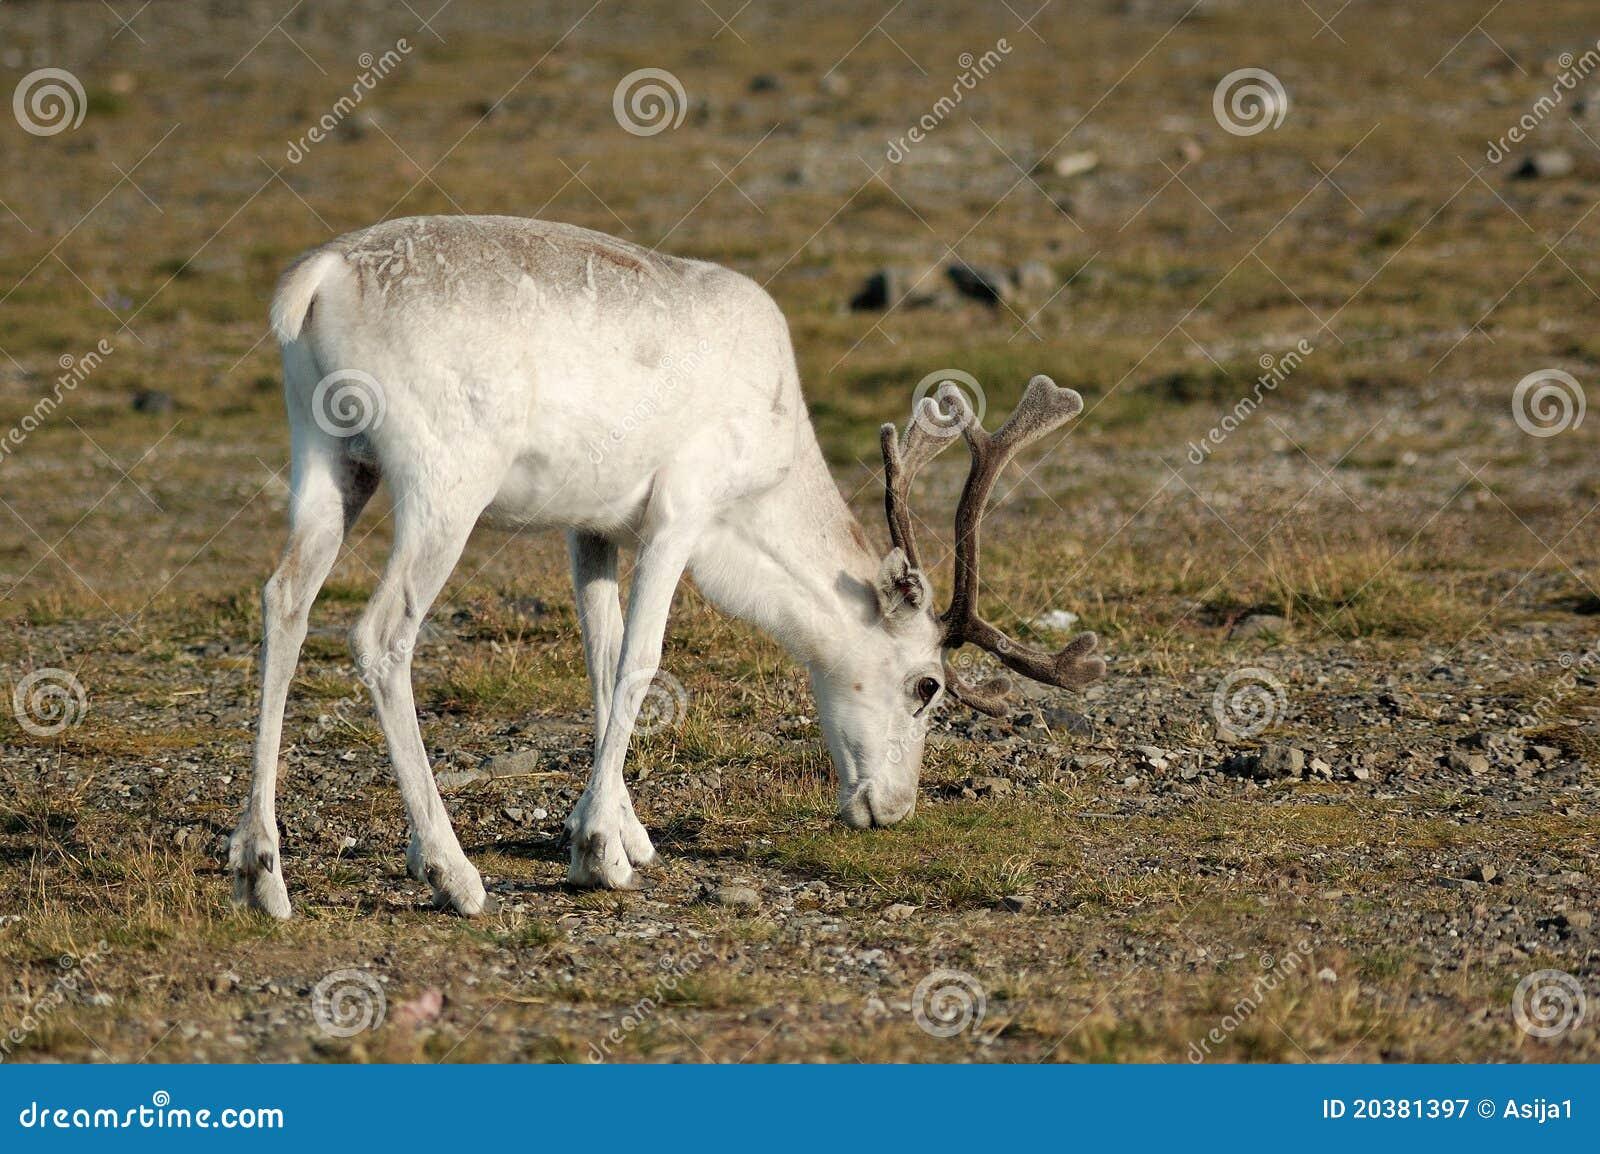 Reindeer eating grass, Norway